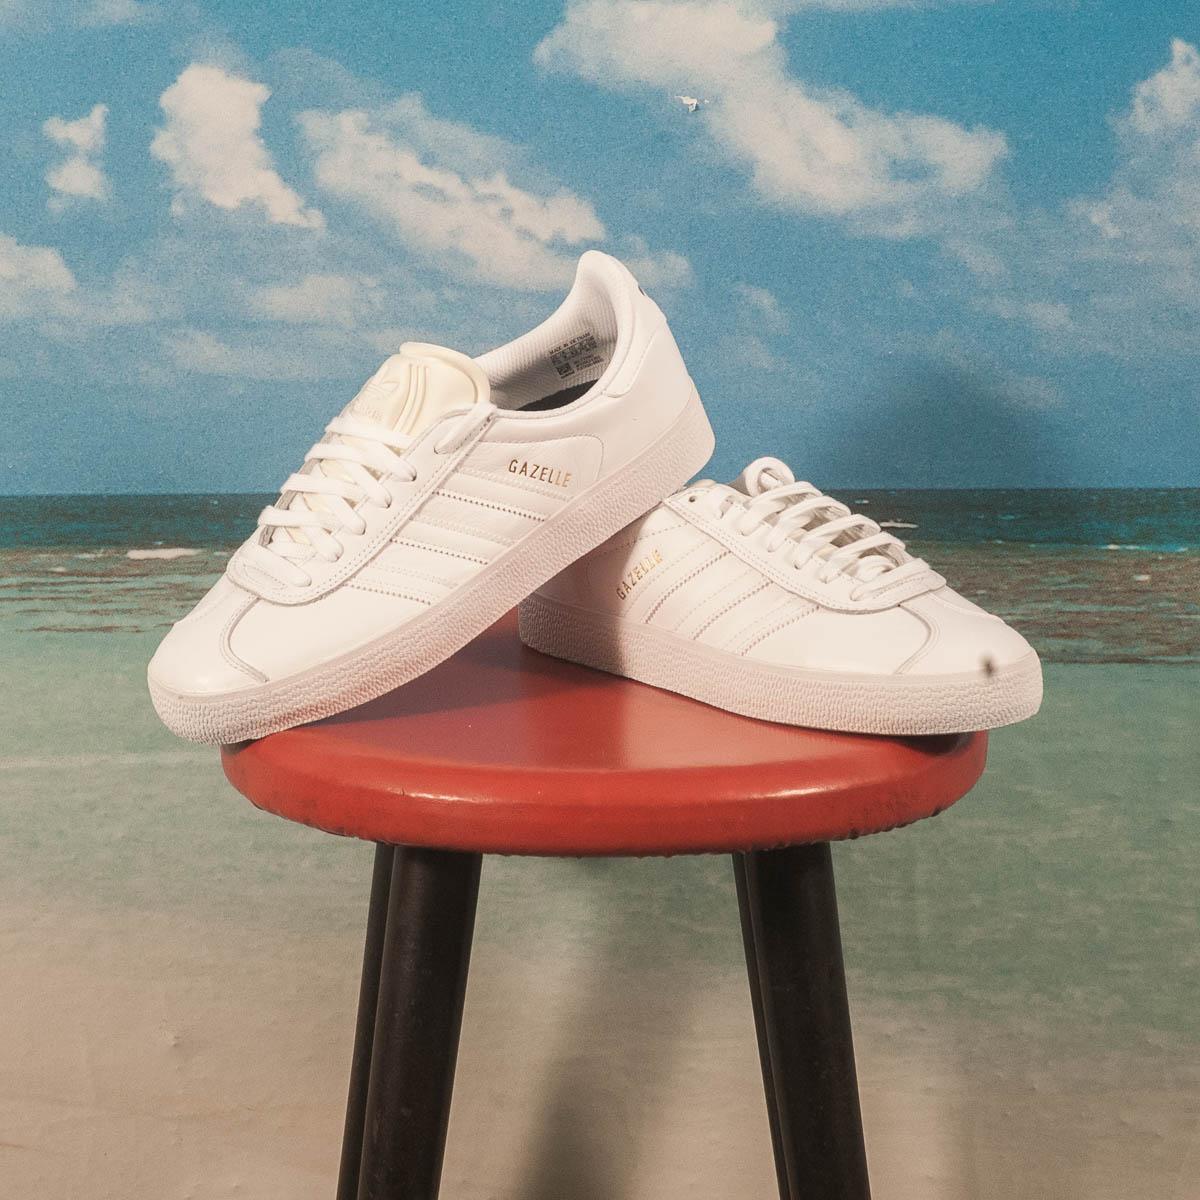 adidas Skateboarding - Gazelle ADV - White at SooHotRightNow Onlineshop - SHRN Skateshop München